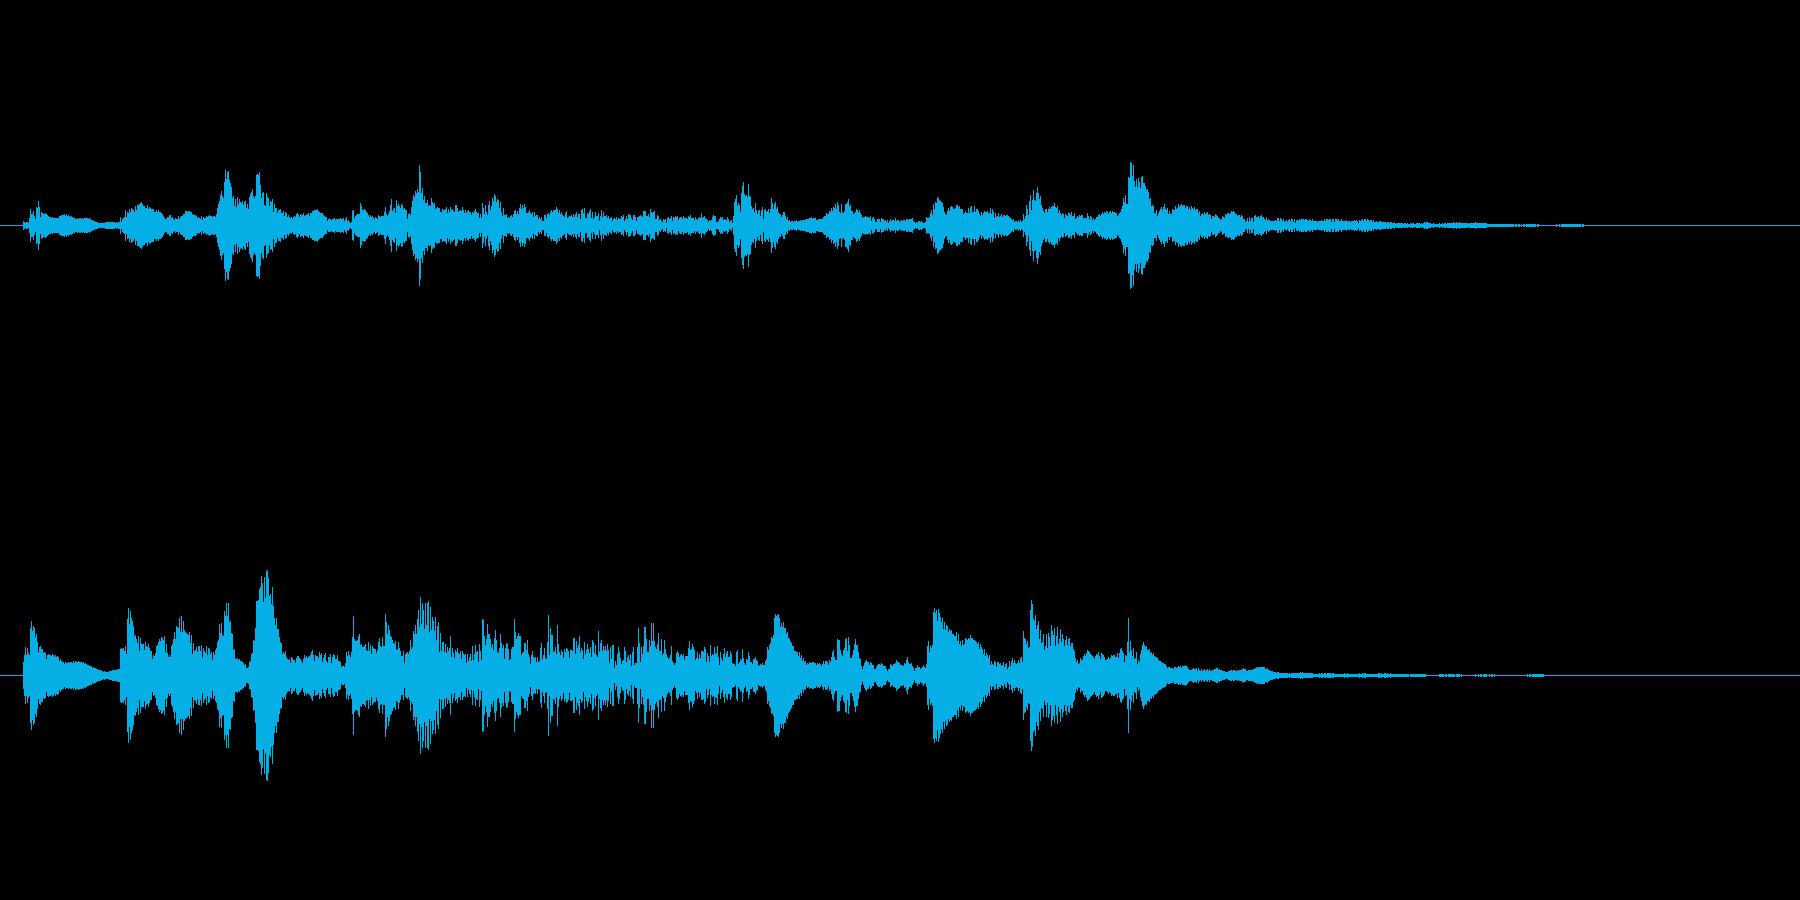 鈍い音のベル 不思議なカランコロンの再生済みの波形